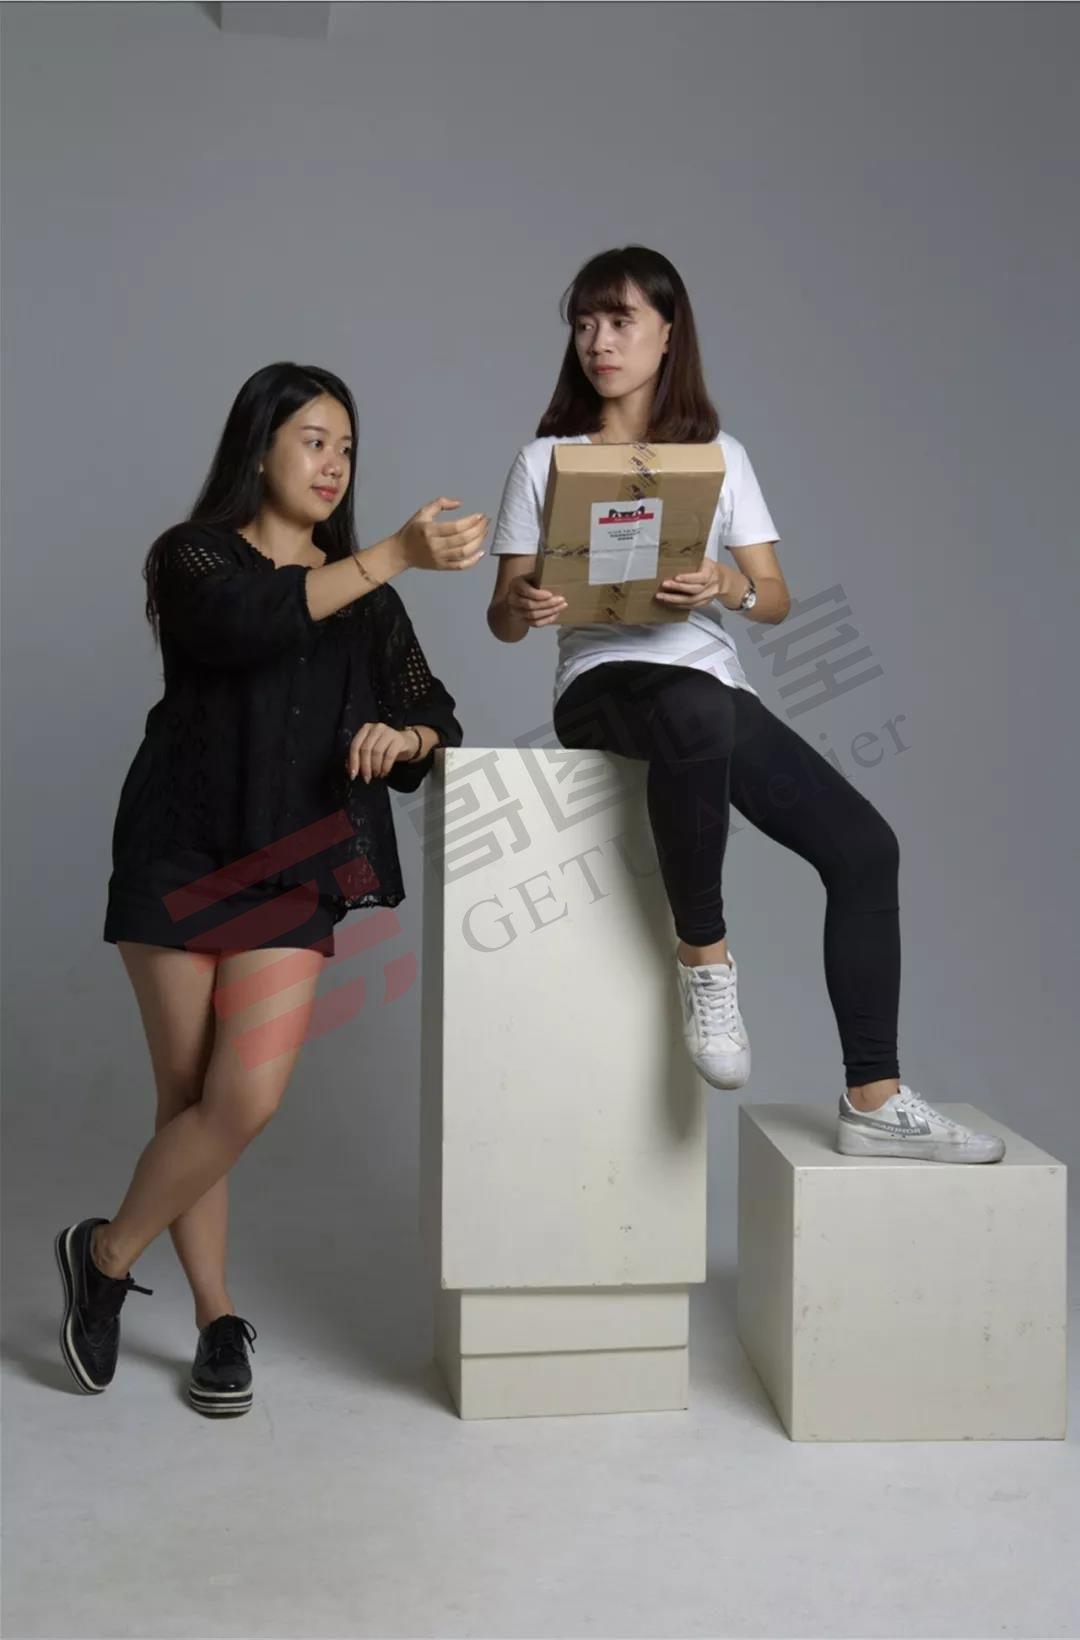 湖北省历年统考考题大盘点——武汉哥图画室,武汉画室     05